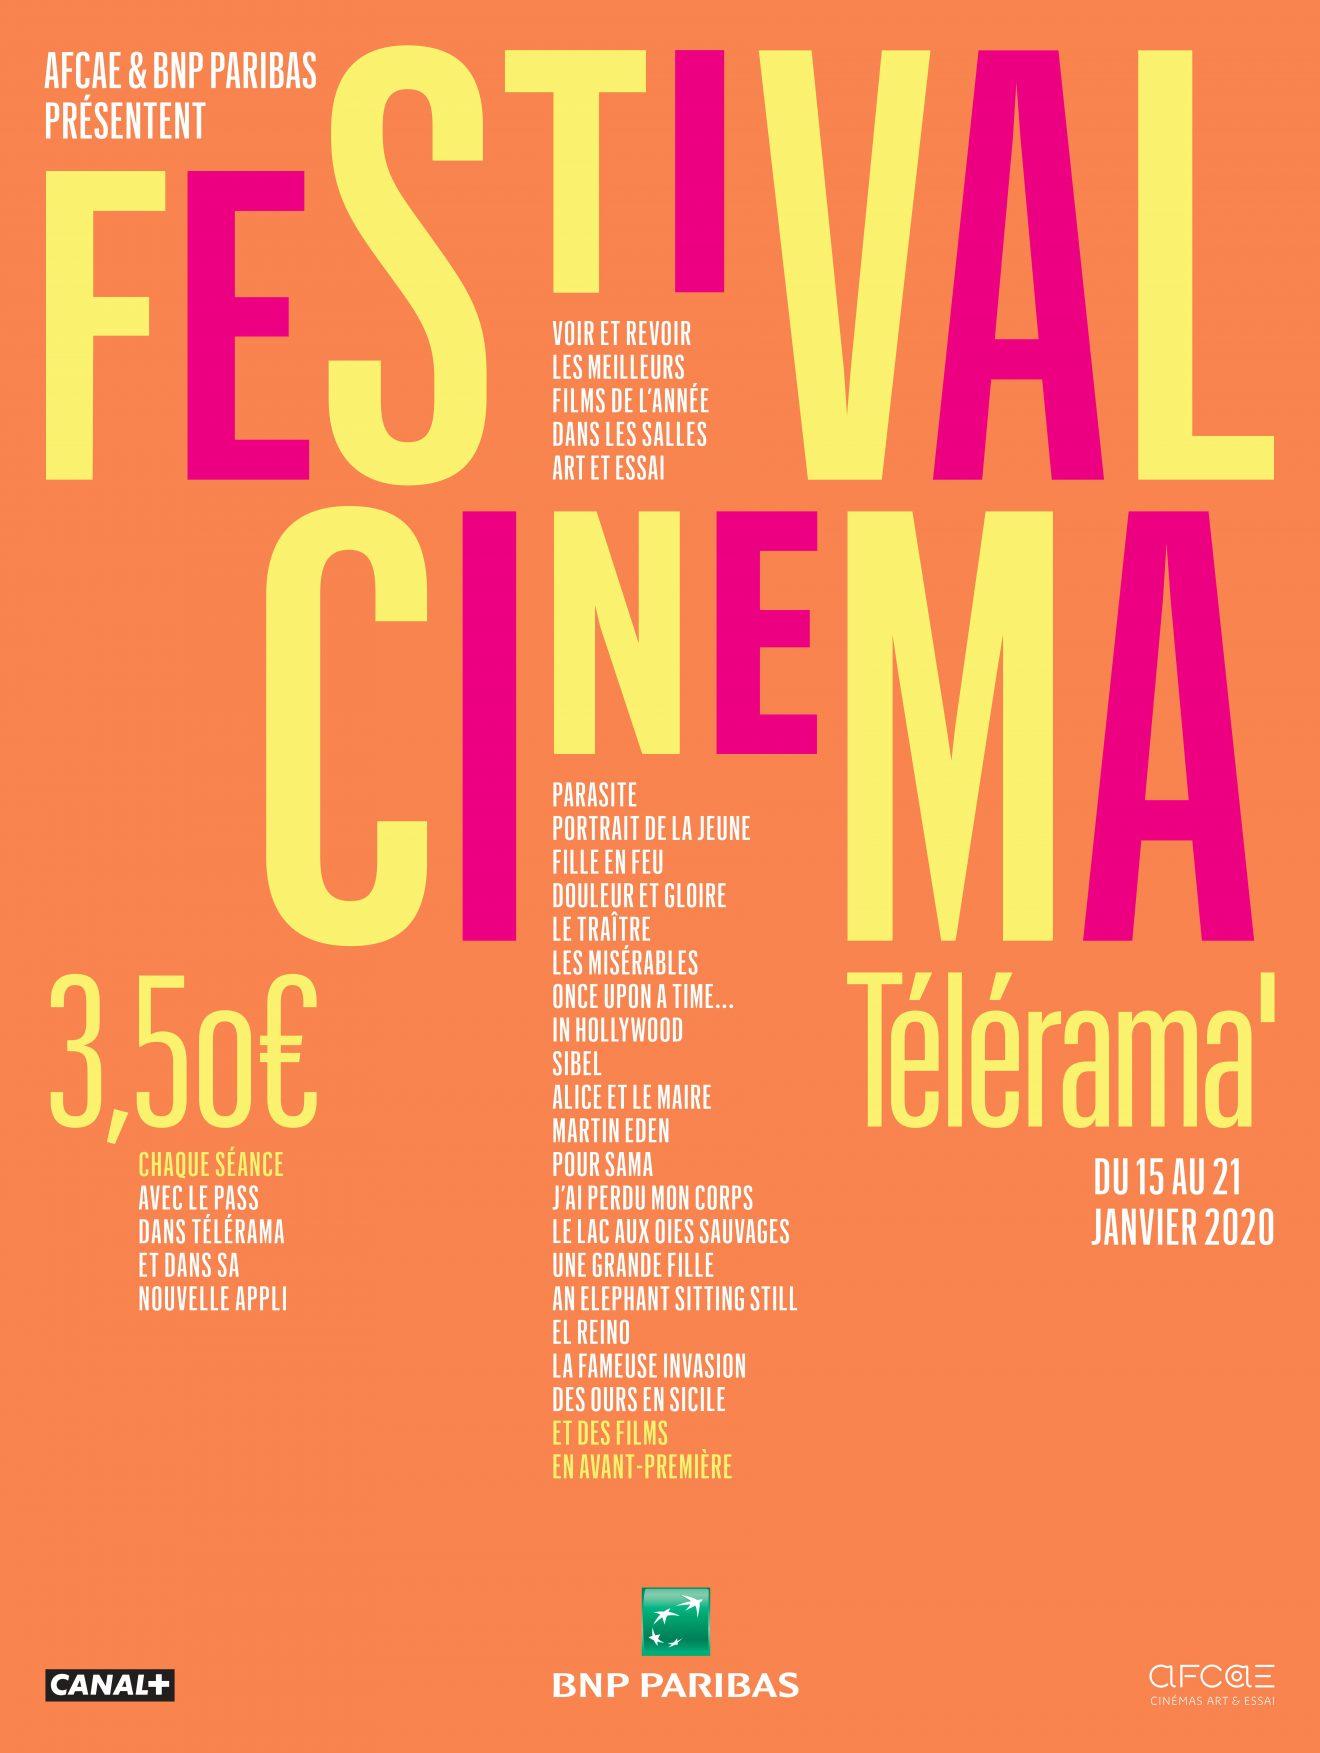 Affiche Telerama AFCAE 2020